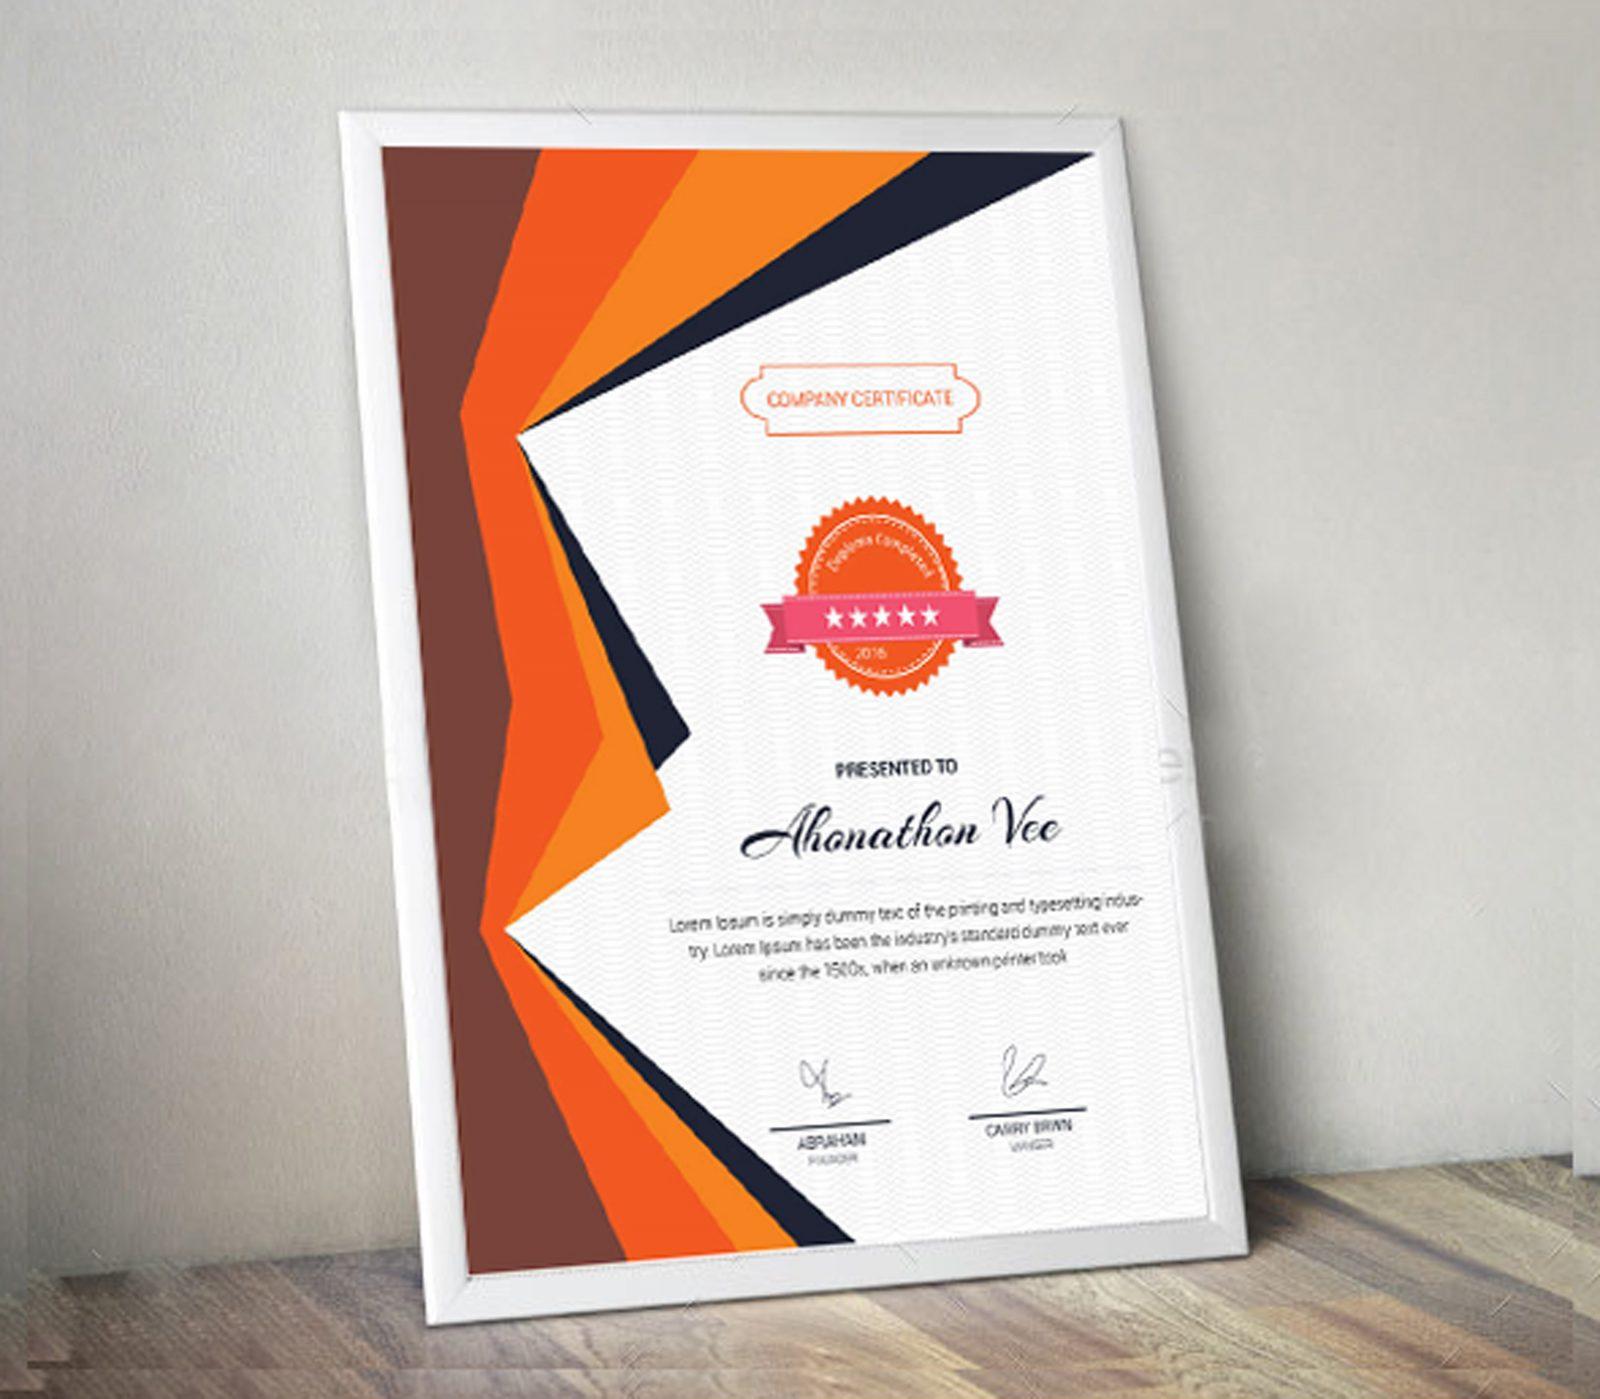 portrait certificate design template 002054 template catalog